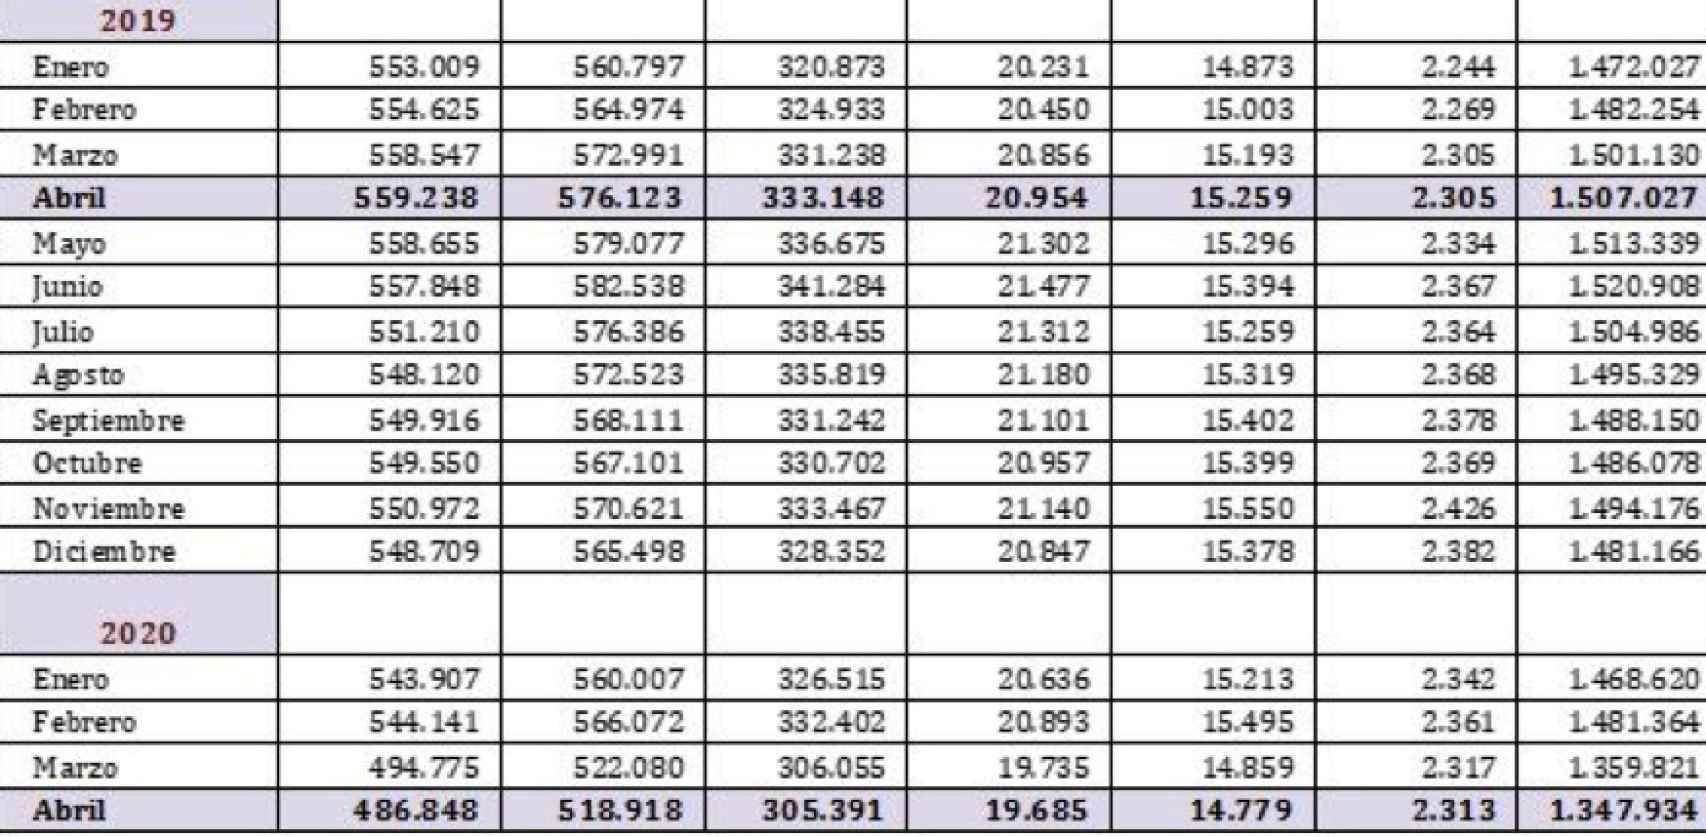 Número de empresas según la AEAT.